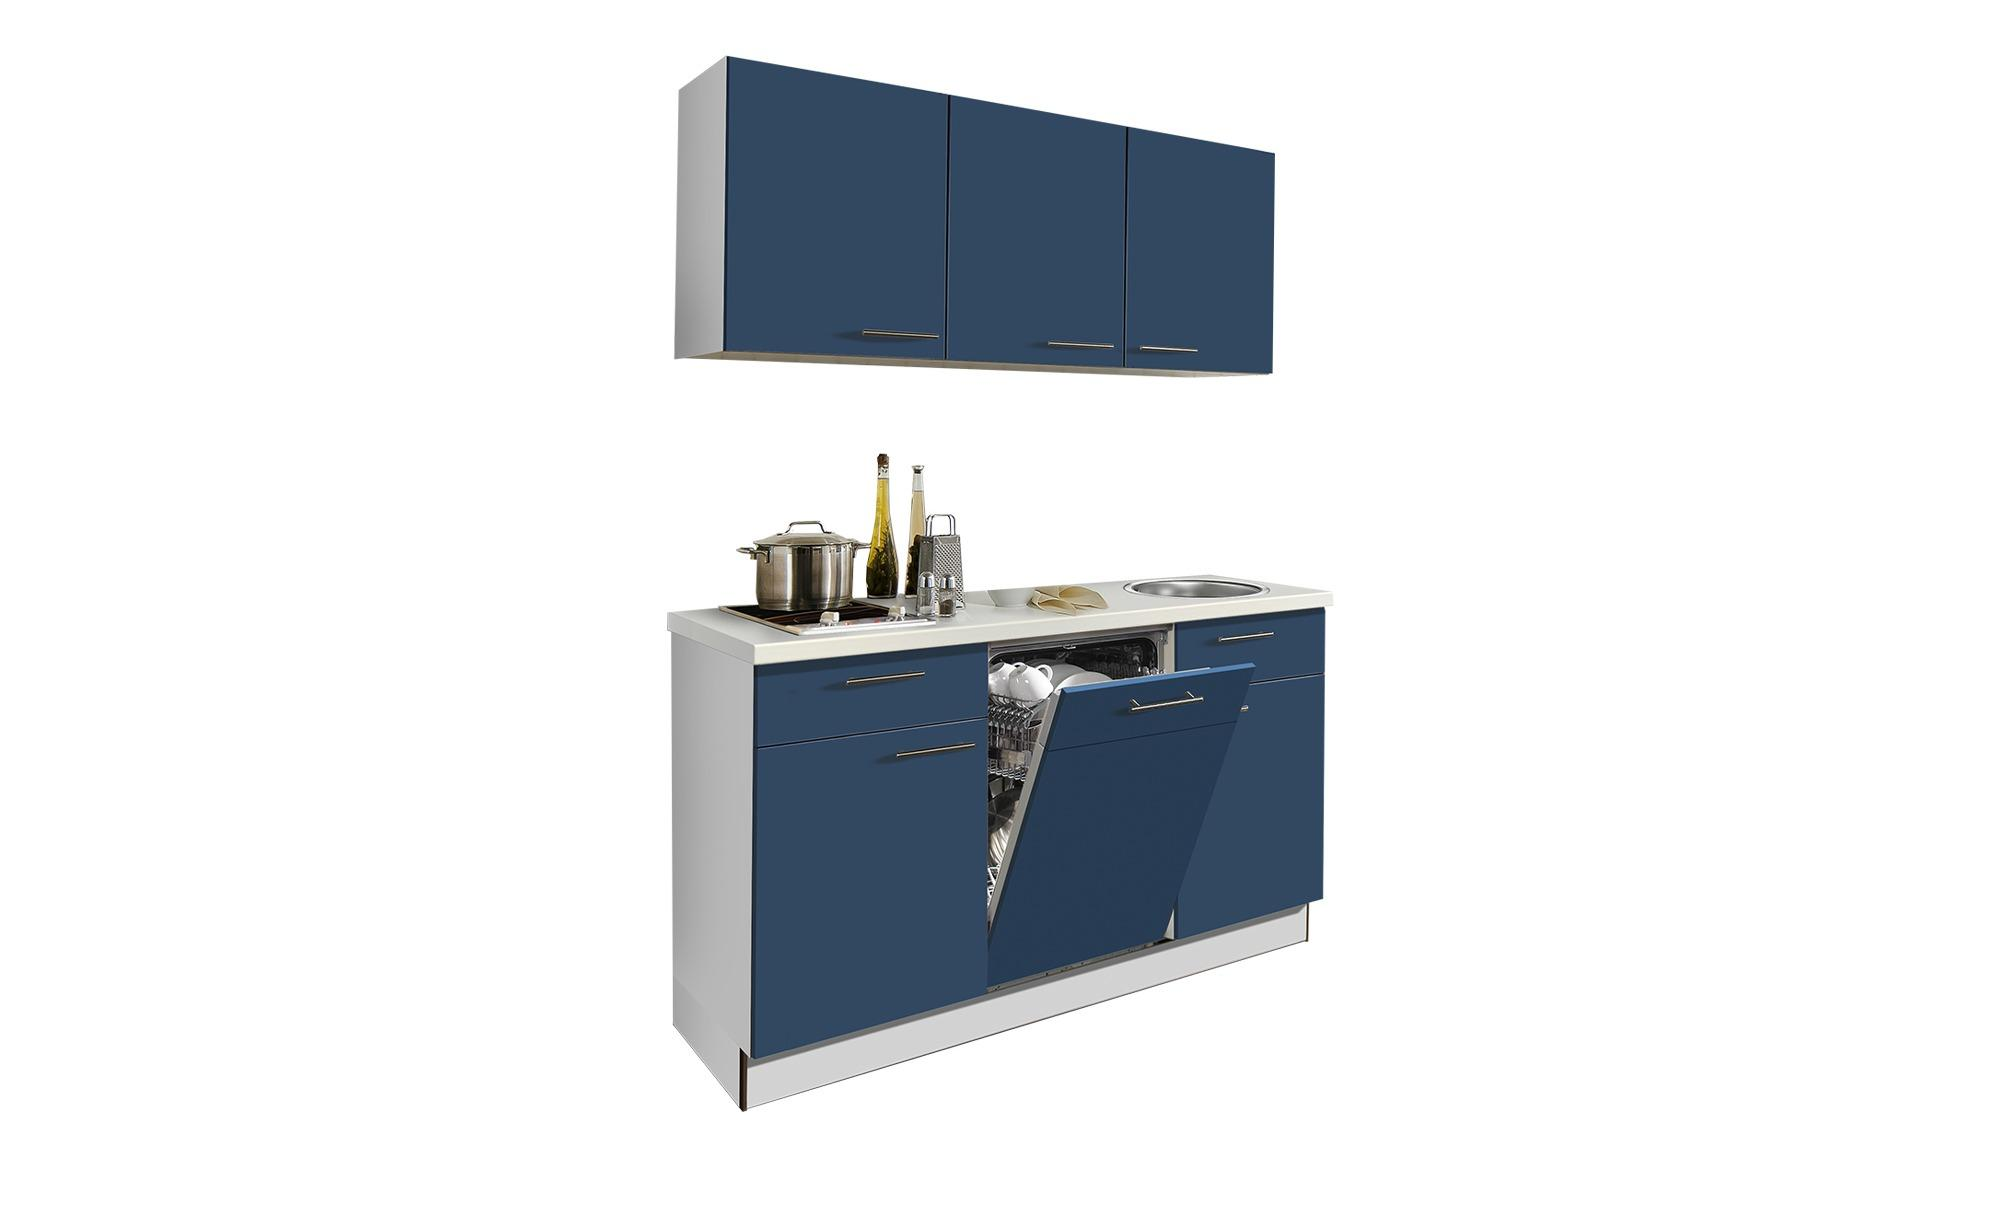 Küchenzeile mit Elektrogeräten Zwolle - blau - Sconto